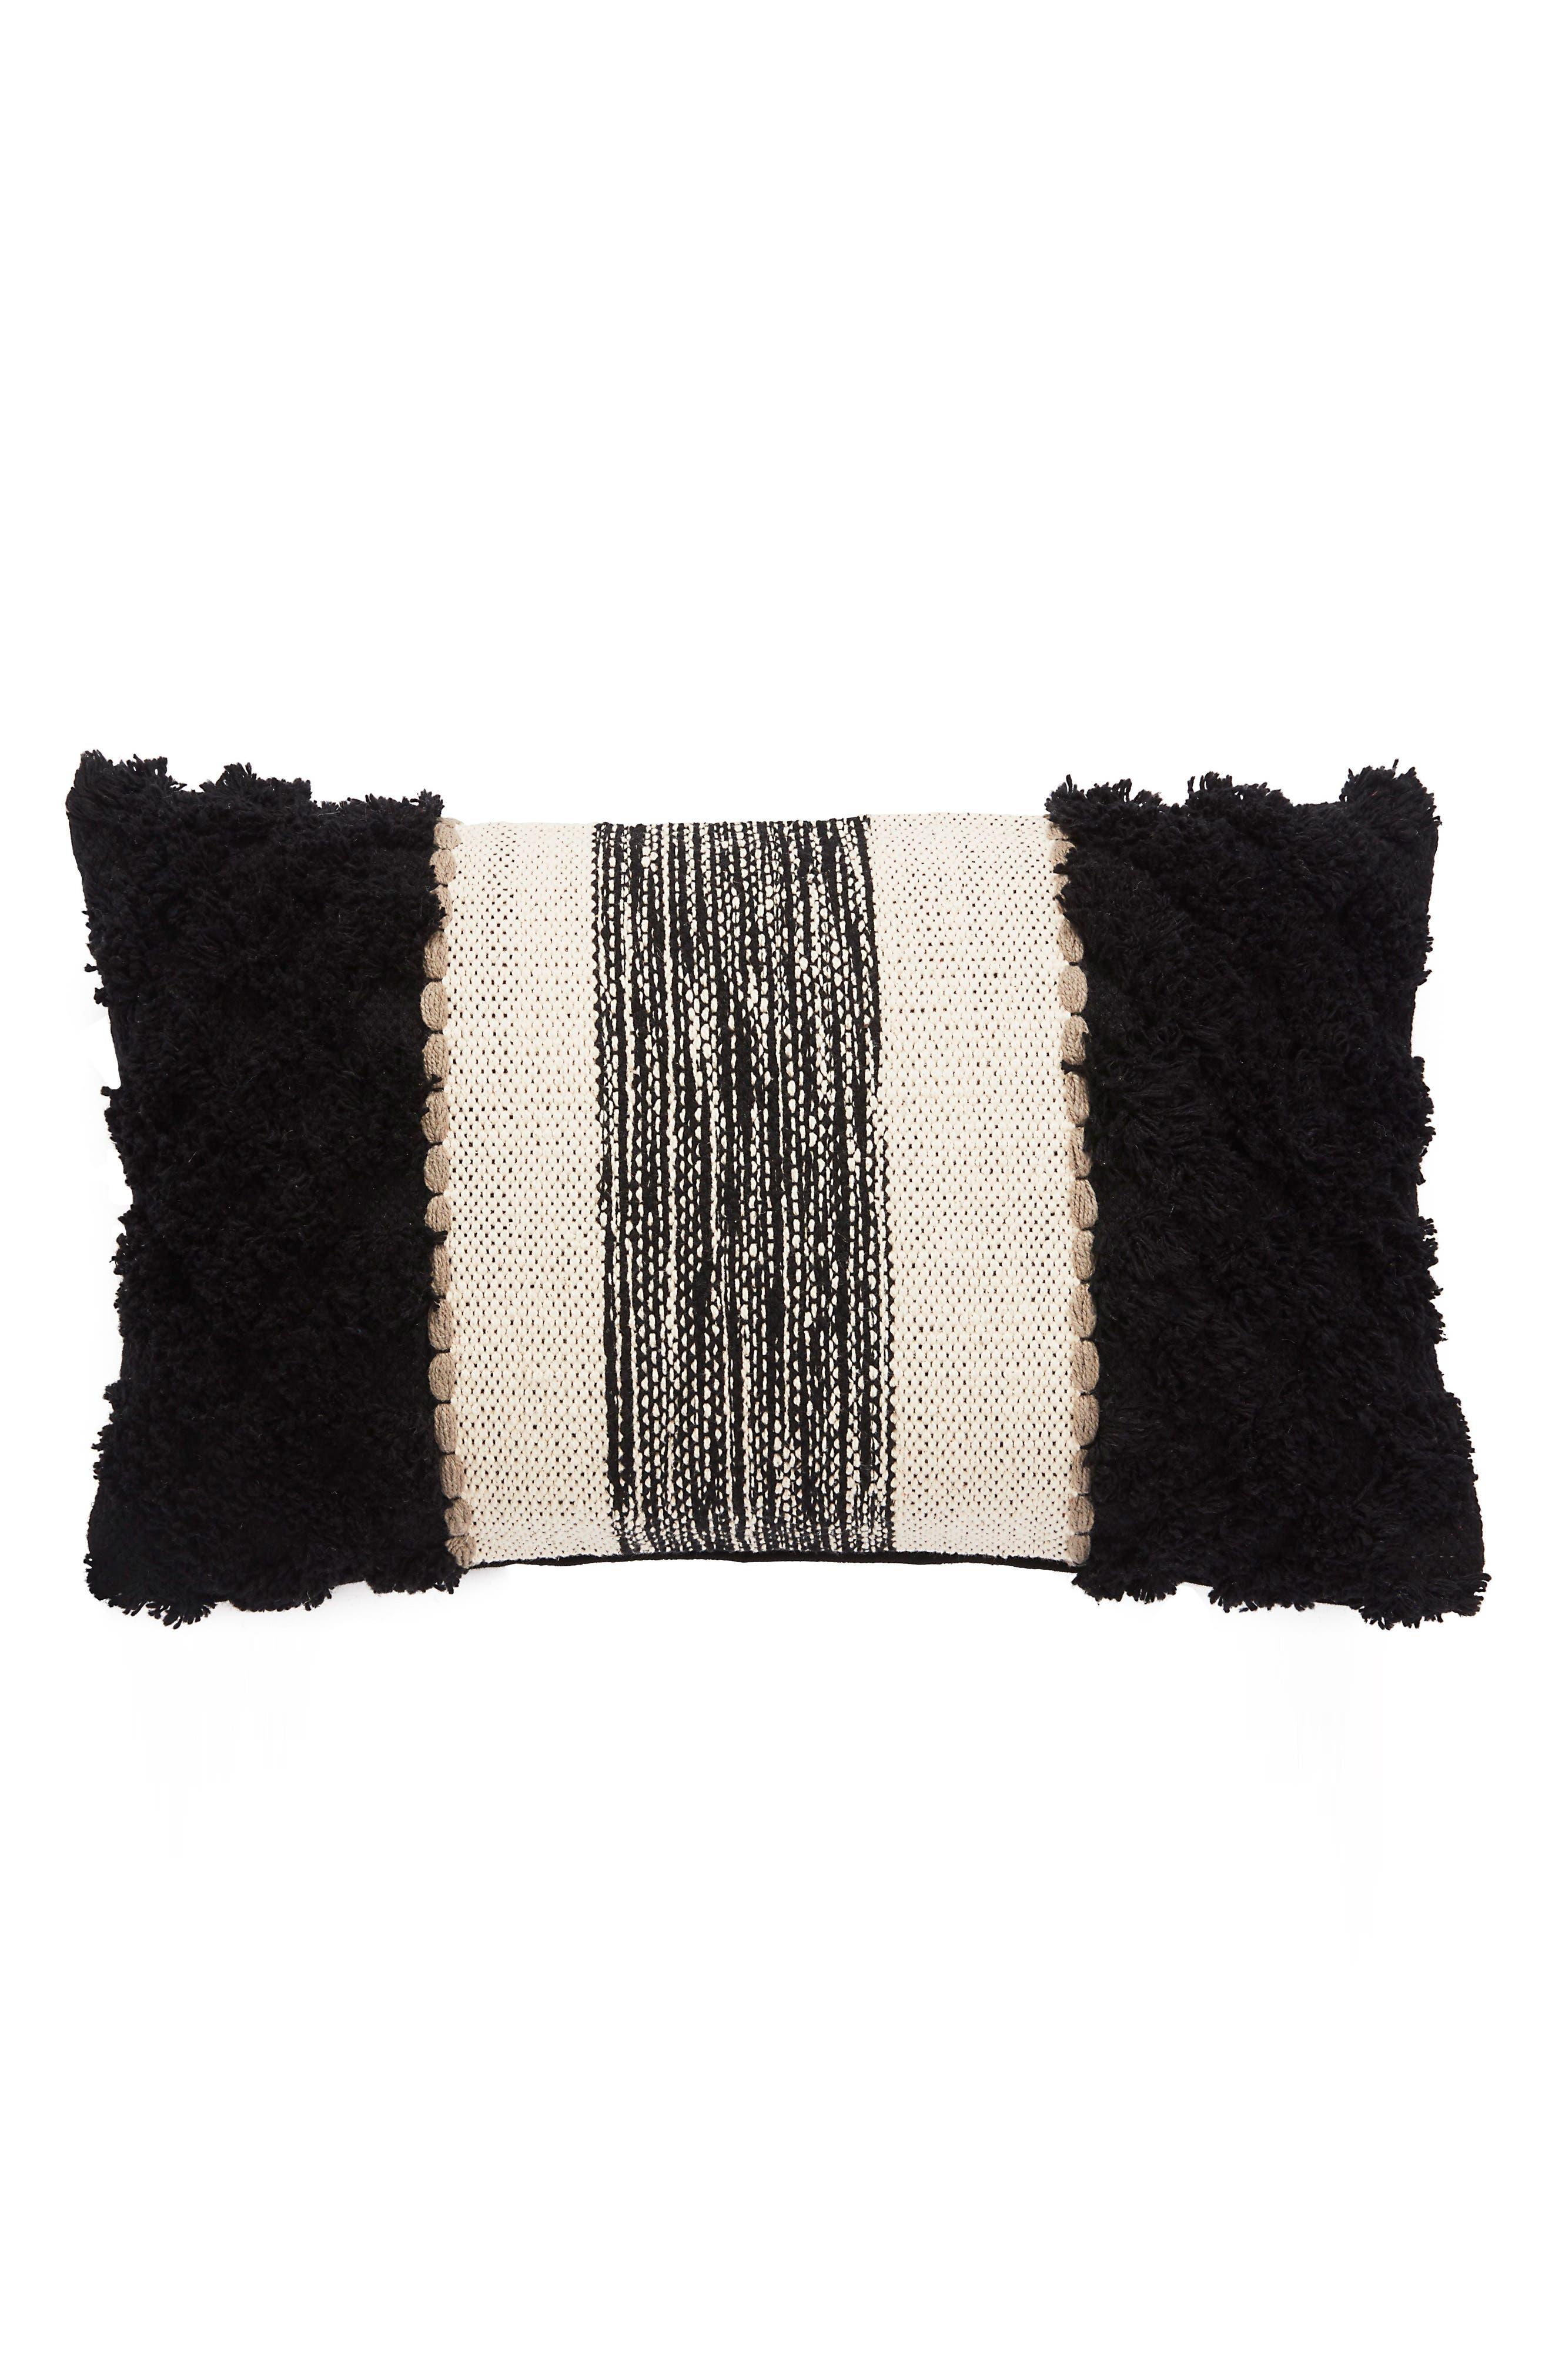 Accent Pillow,                         Main,                         color, Black